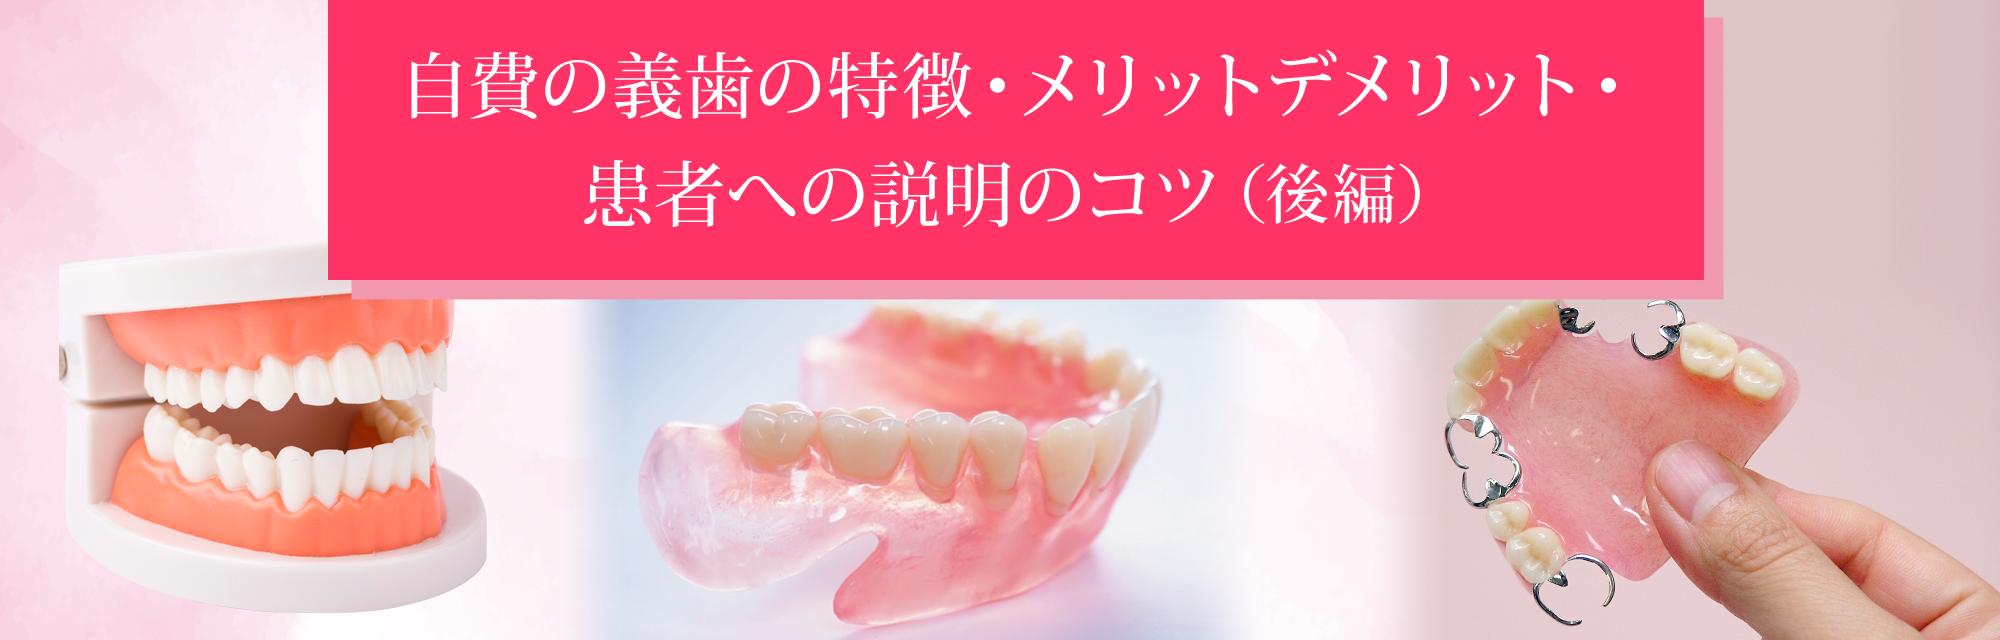 自費の義歯の特徴・メリットデメリット・患者への説明のコツ(後編)